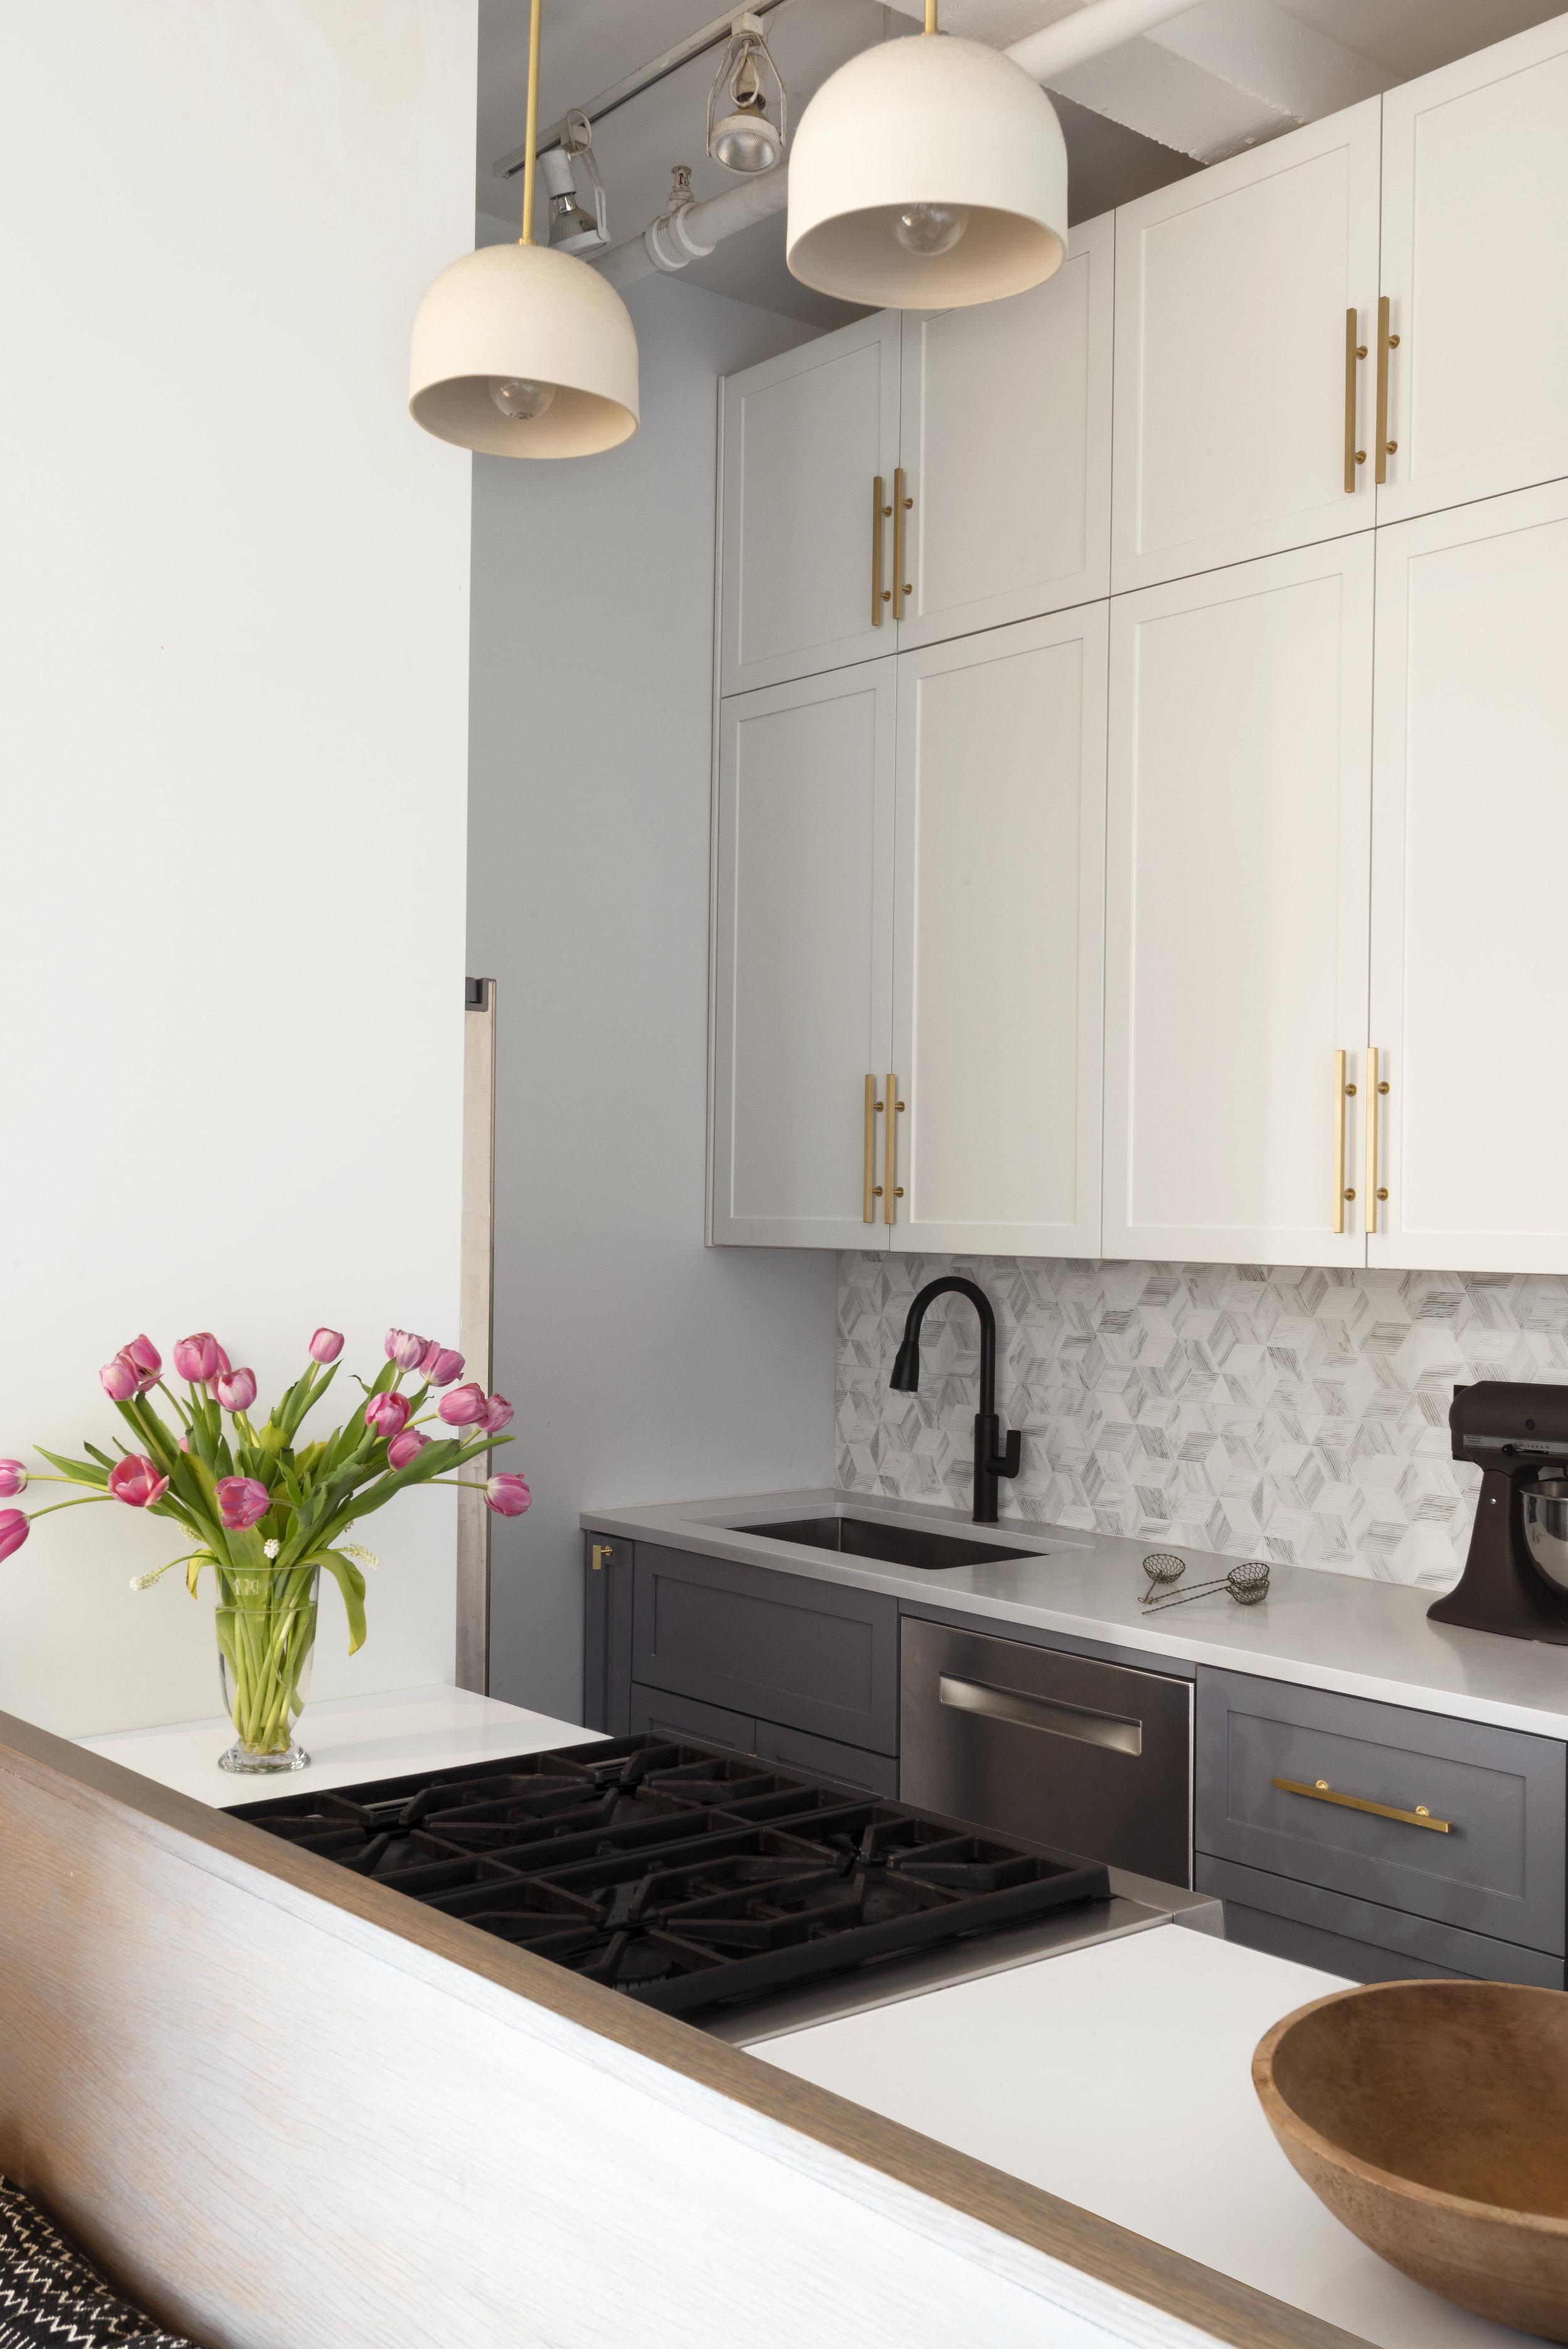 ParkSlope-Kitchen-1.jpg